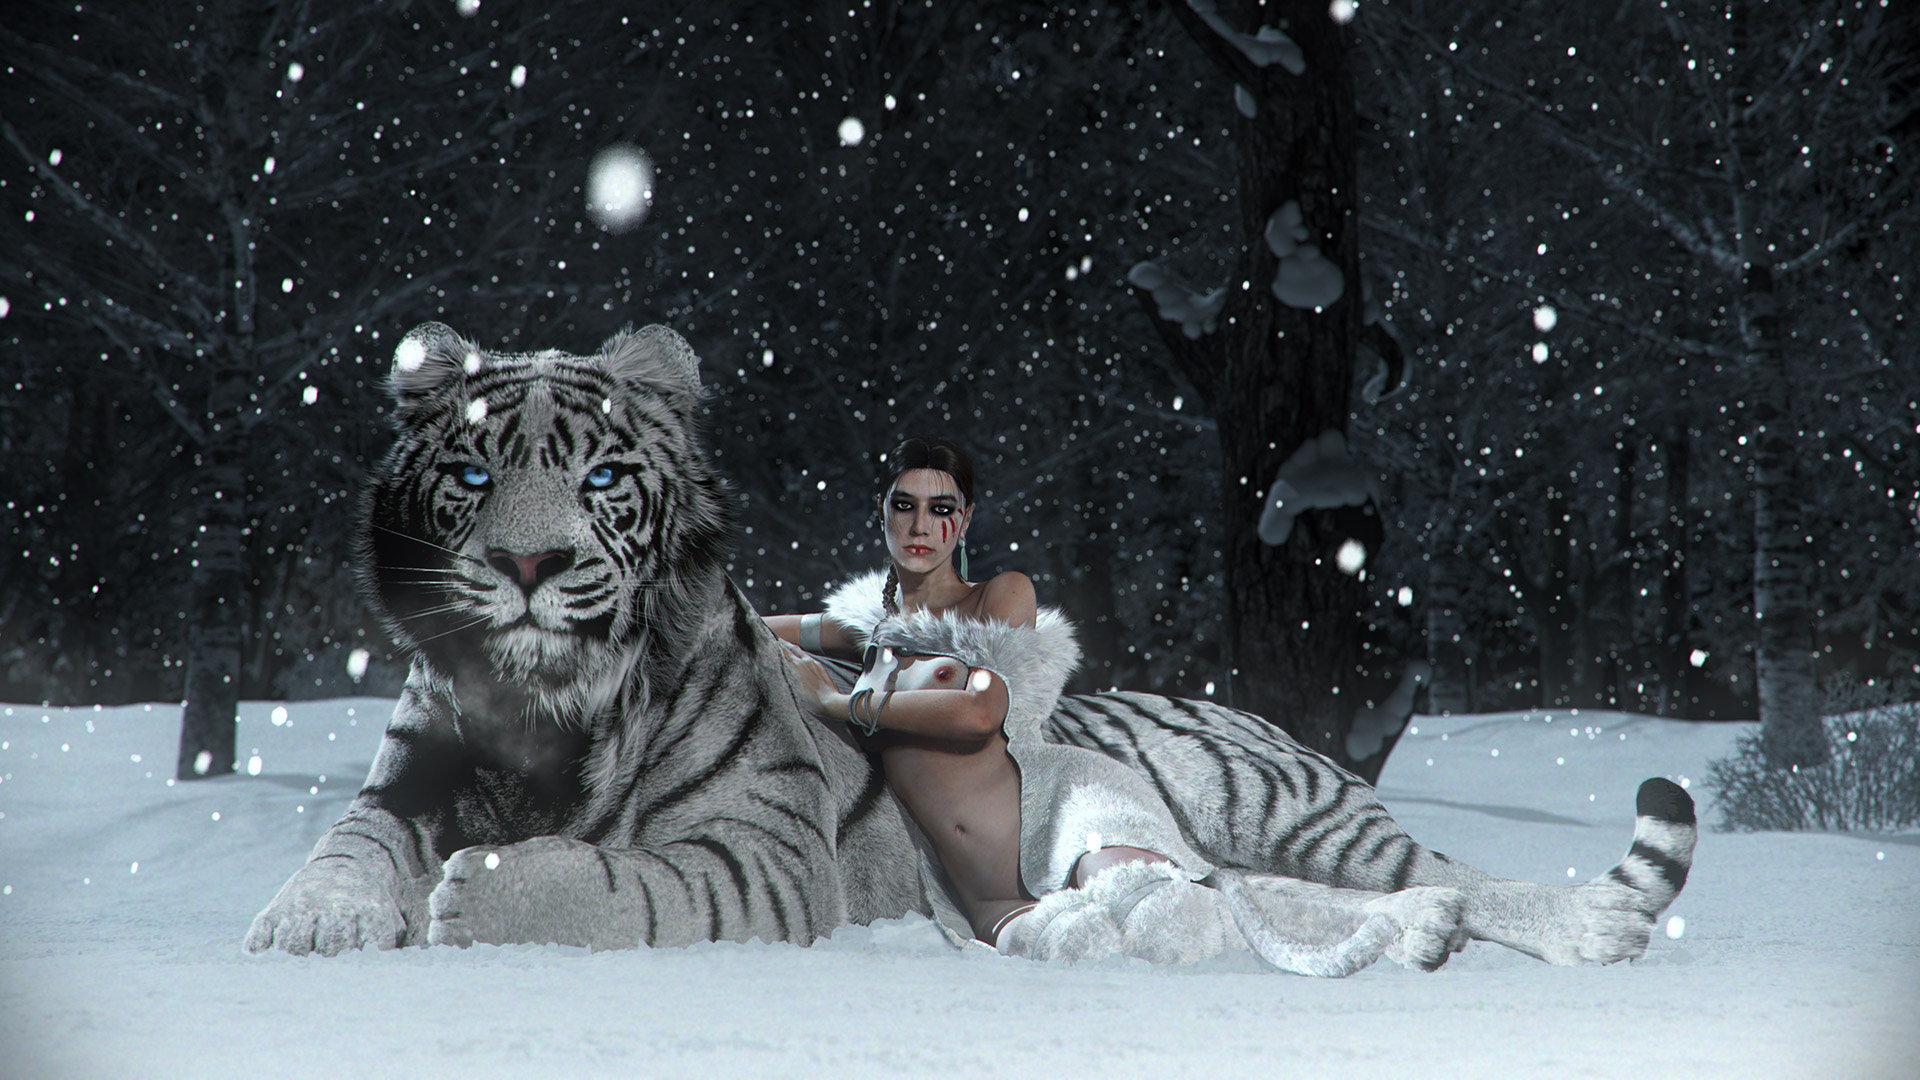 Snow vanilla hd web